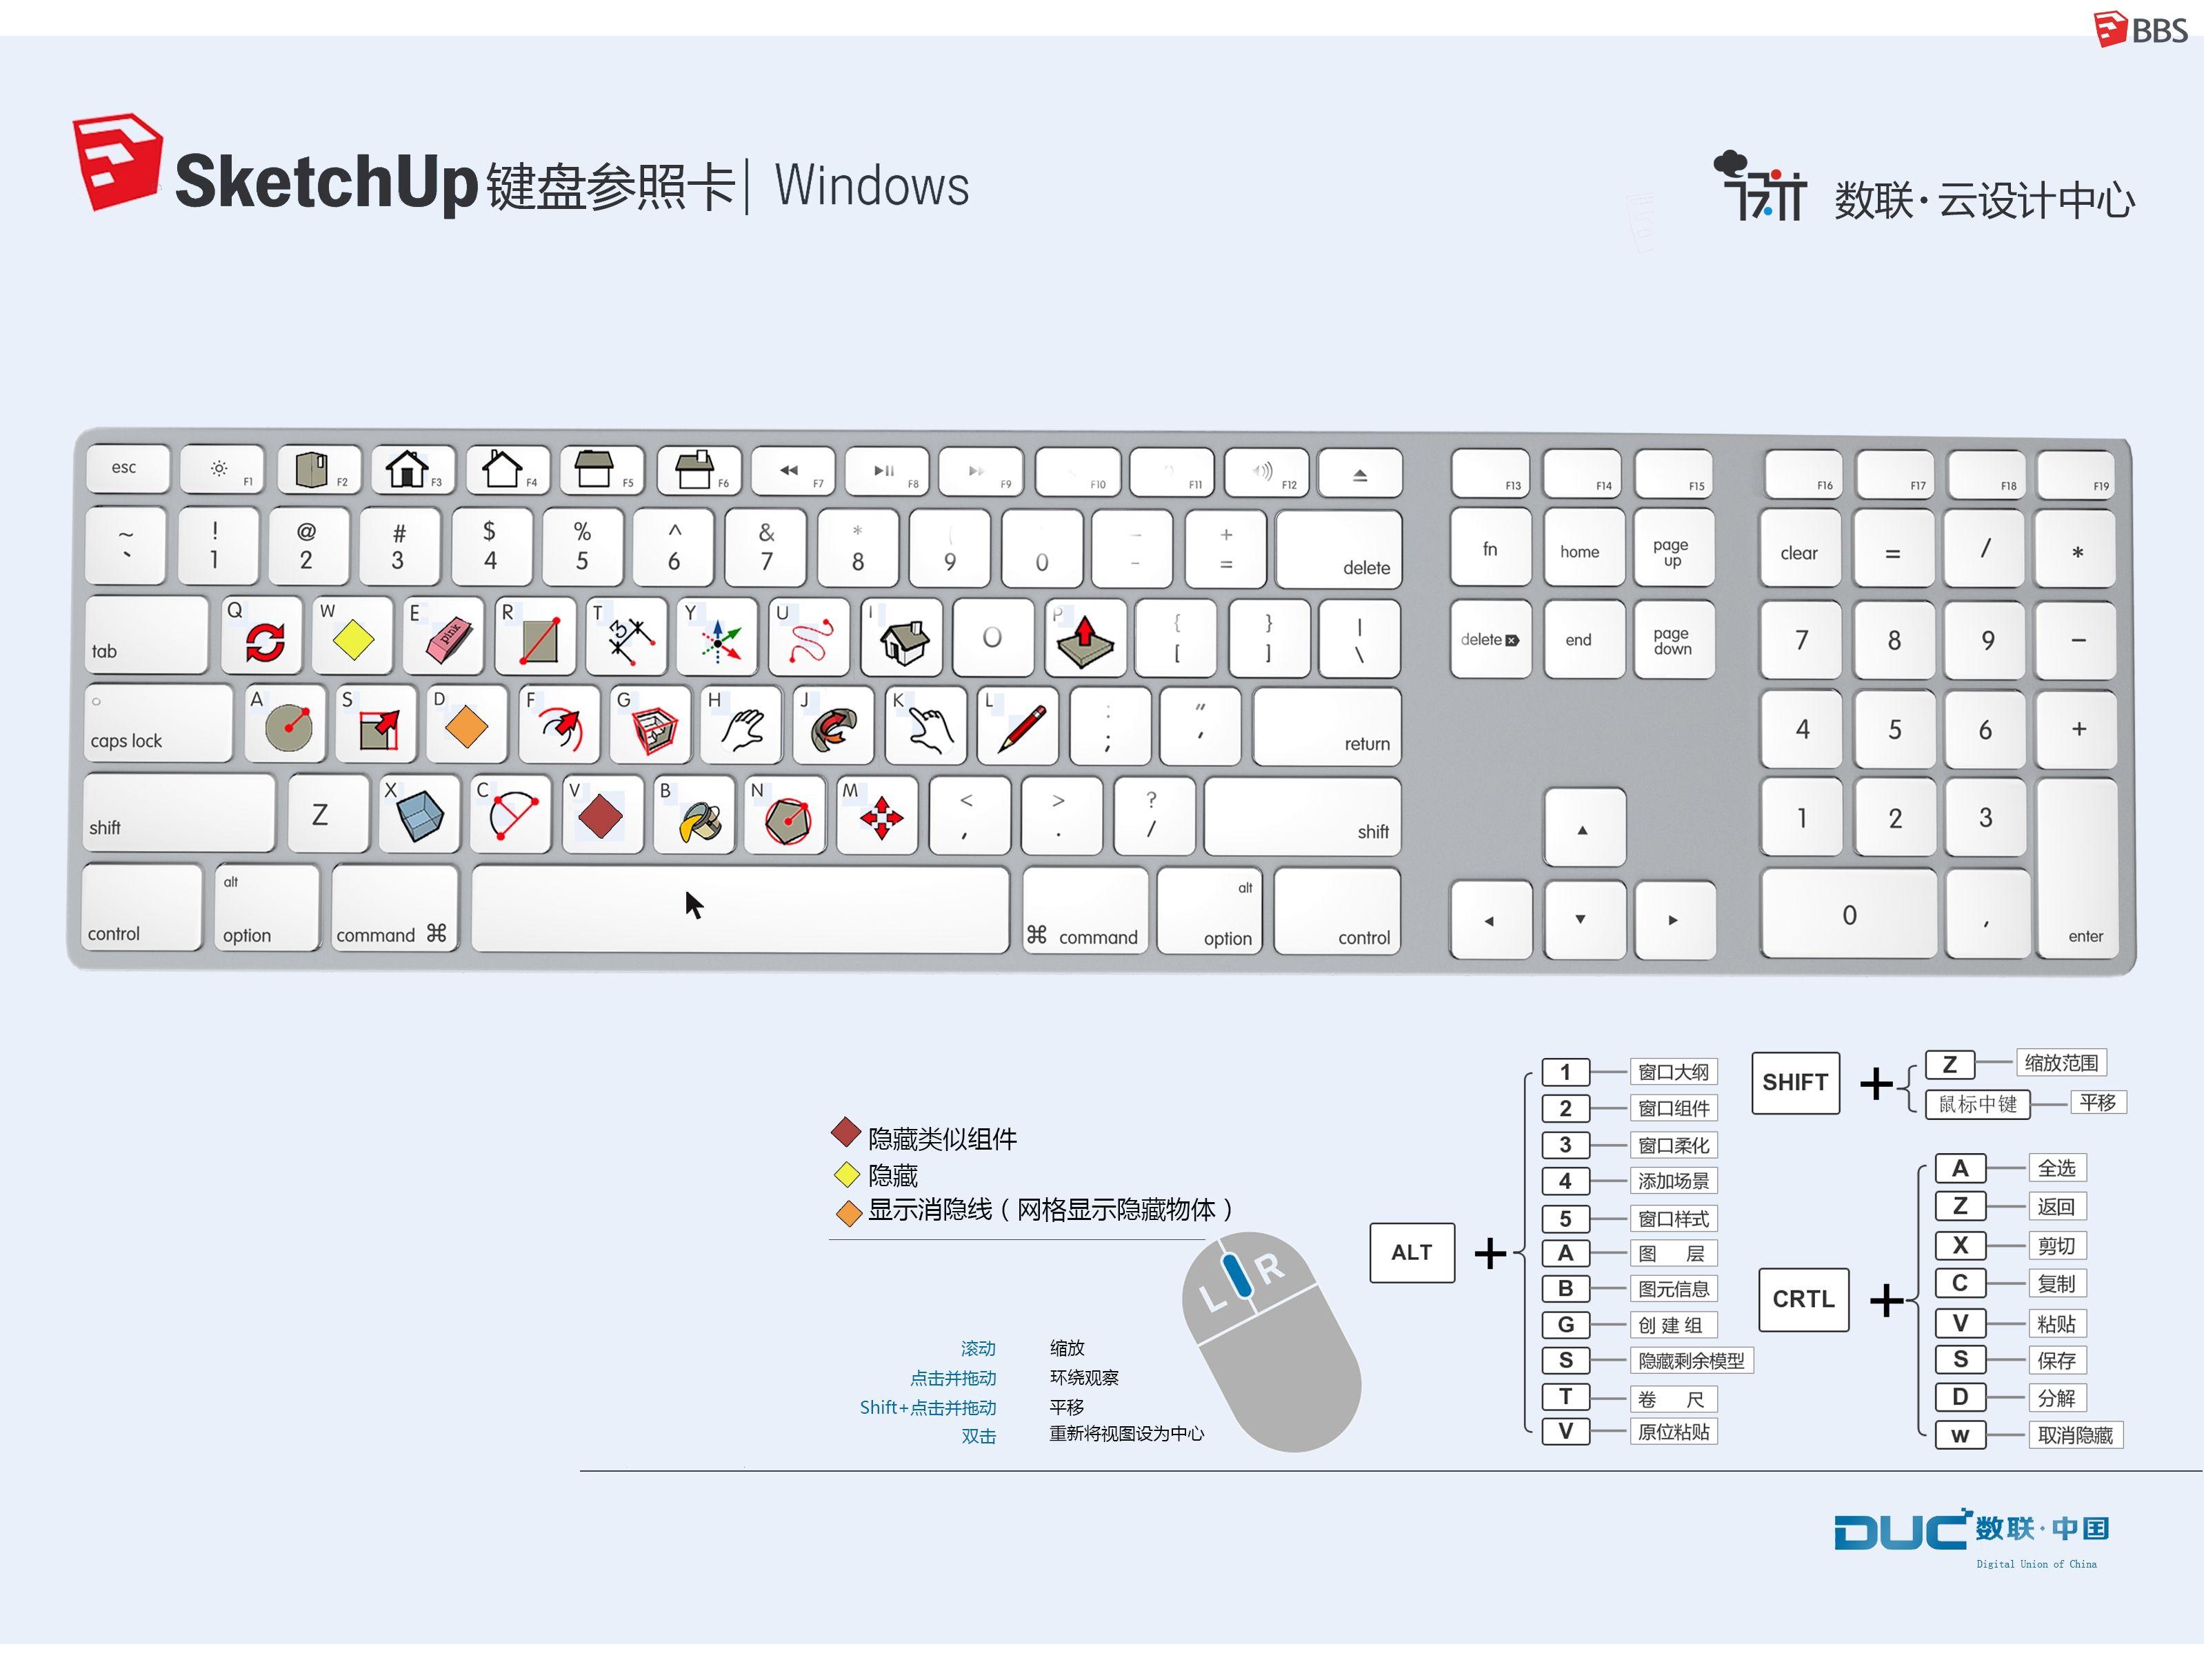 medium resolution of sketchup computer keyboard diagram tools